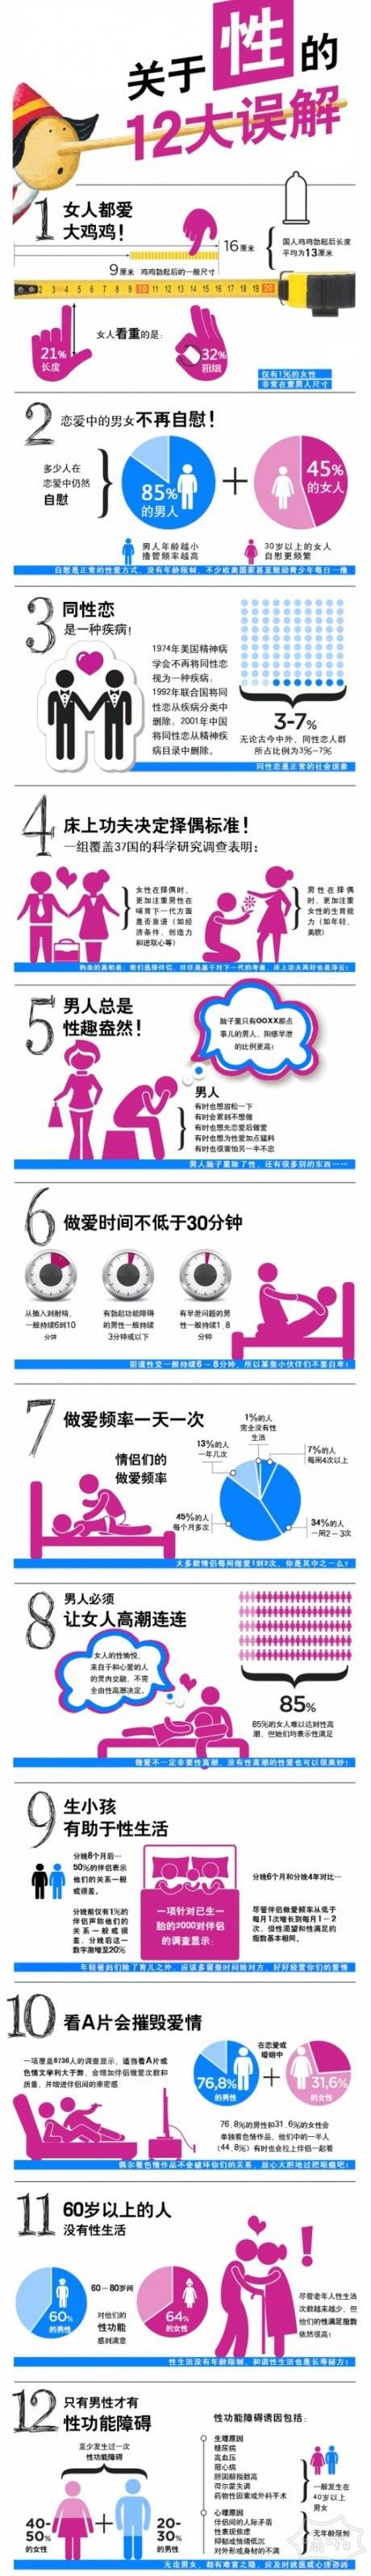 一张数据图盘点中国人对性爱的12大误解